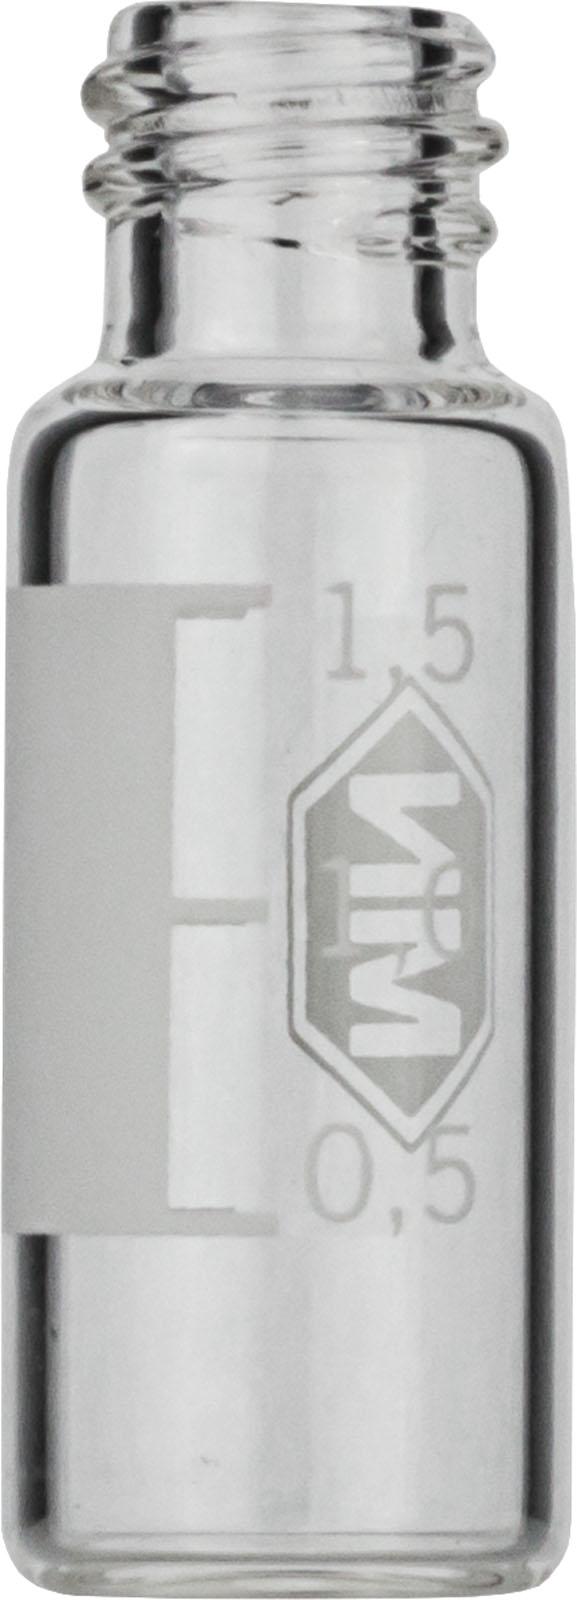 Vial N8-1.5, GW, k, 11,6x32, flach, SF